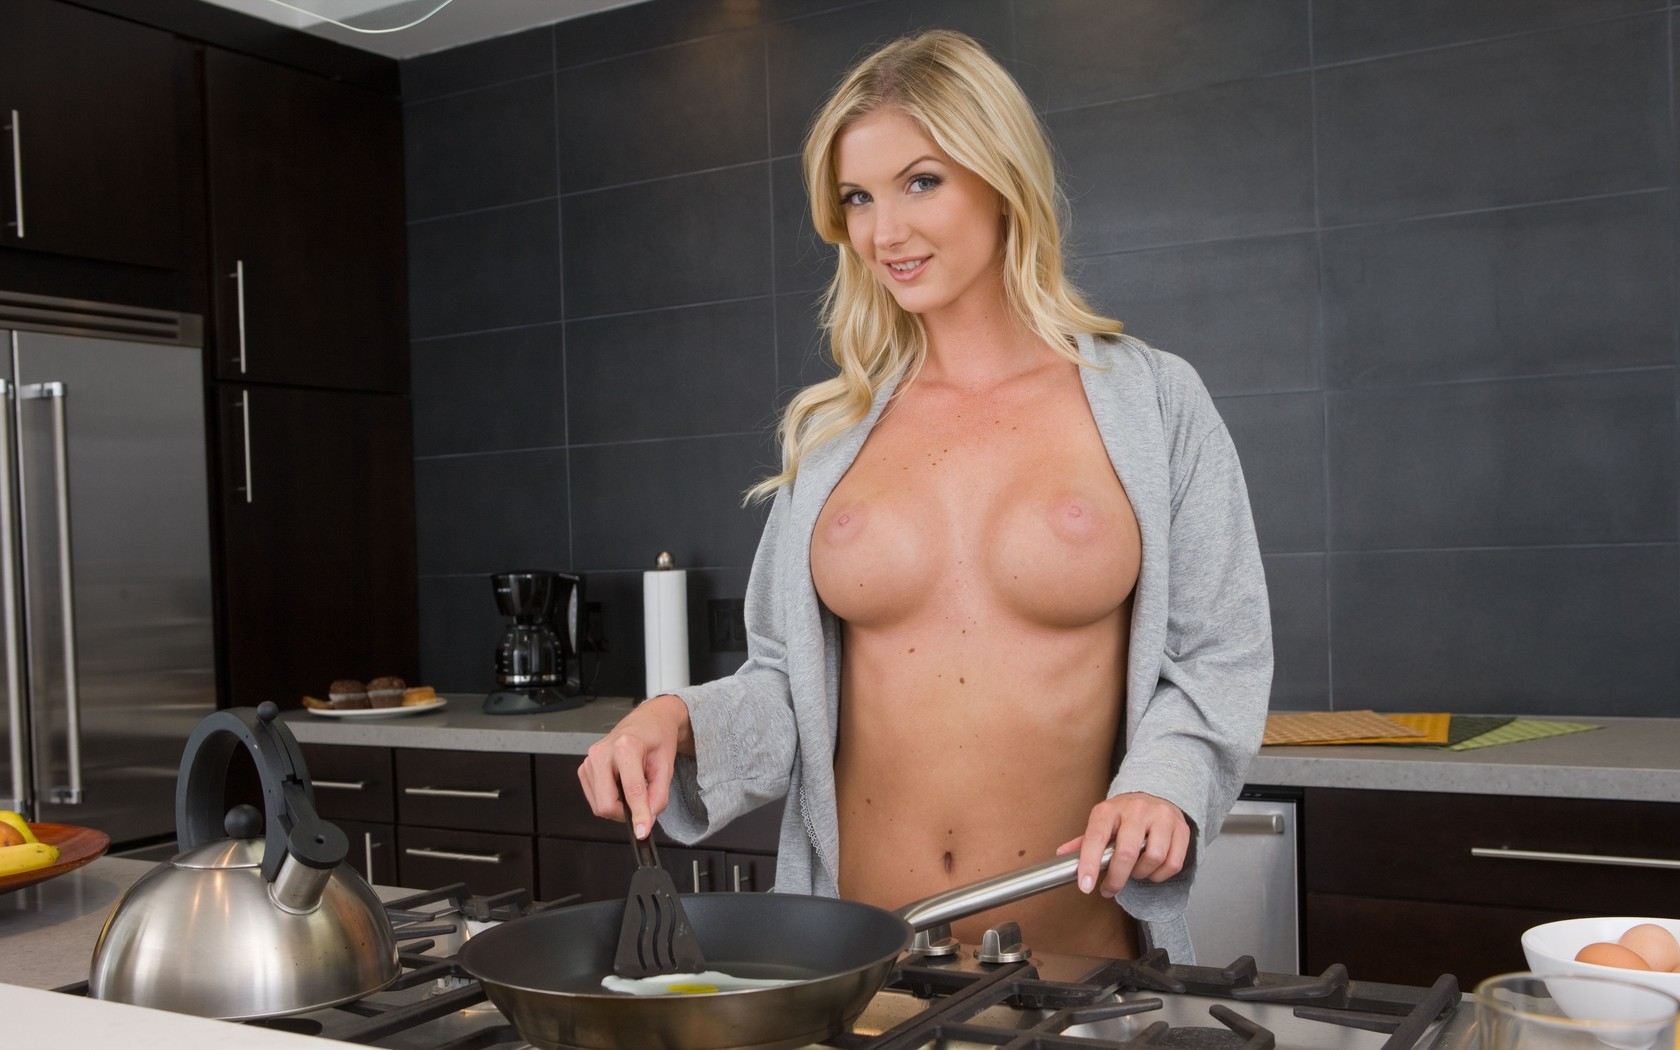 Голое утро на кухне видео, минеты в общественных местах